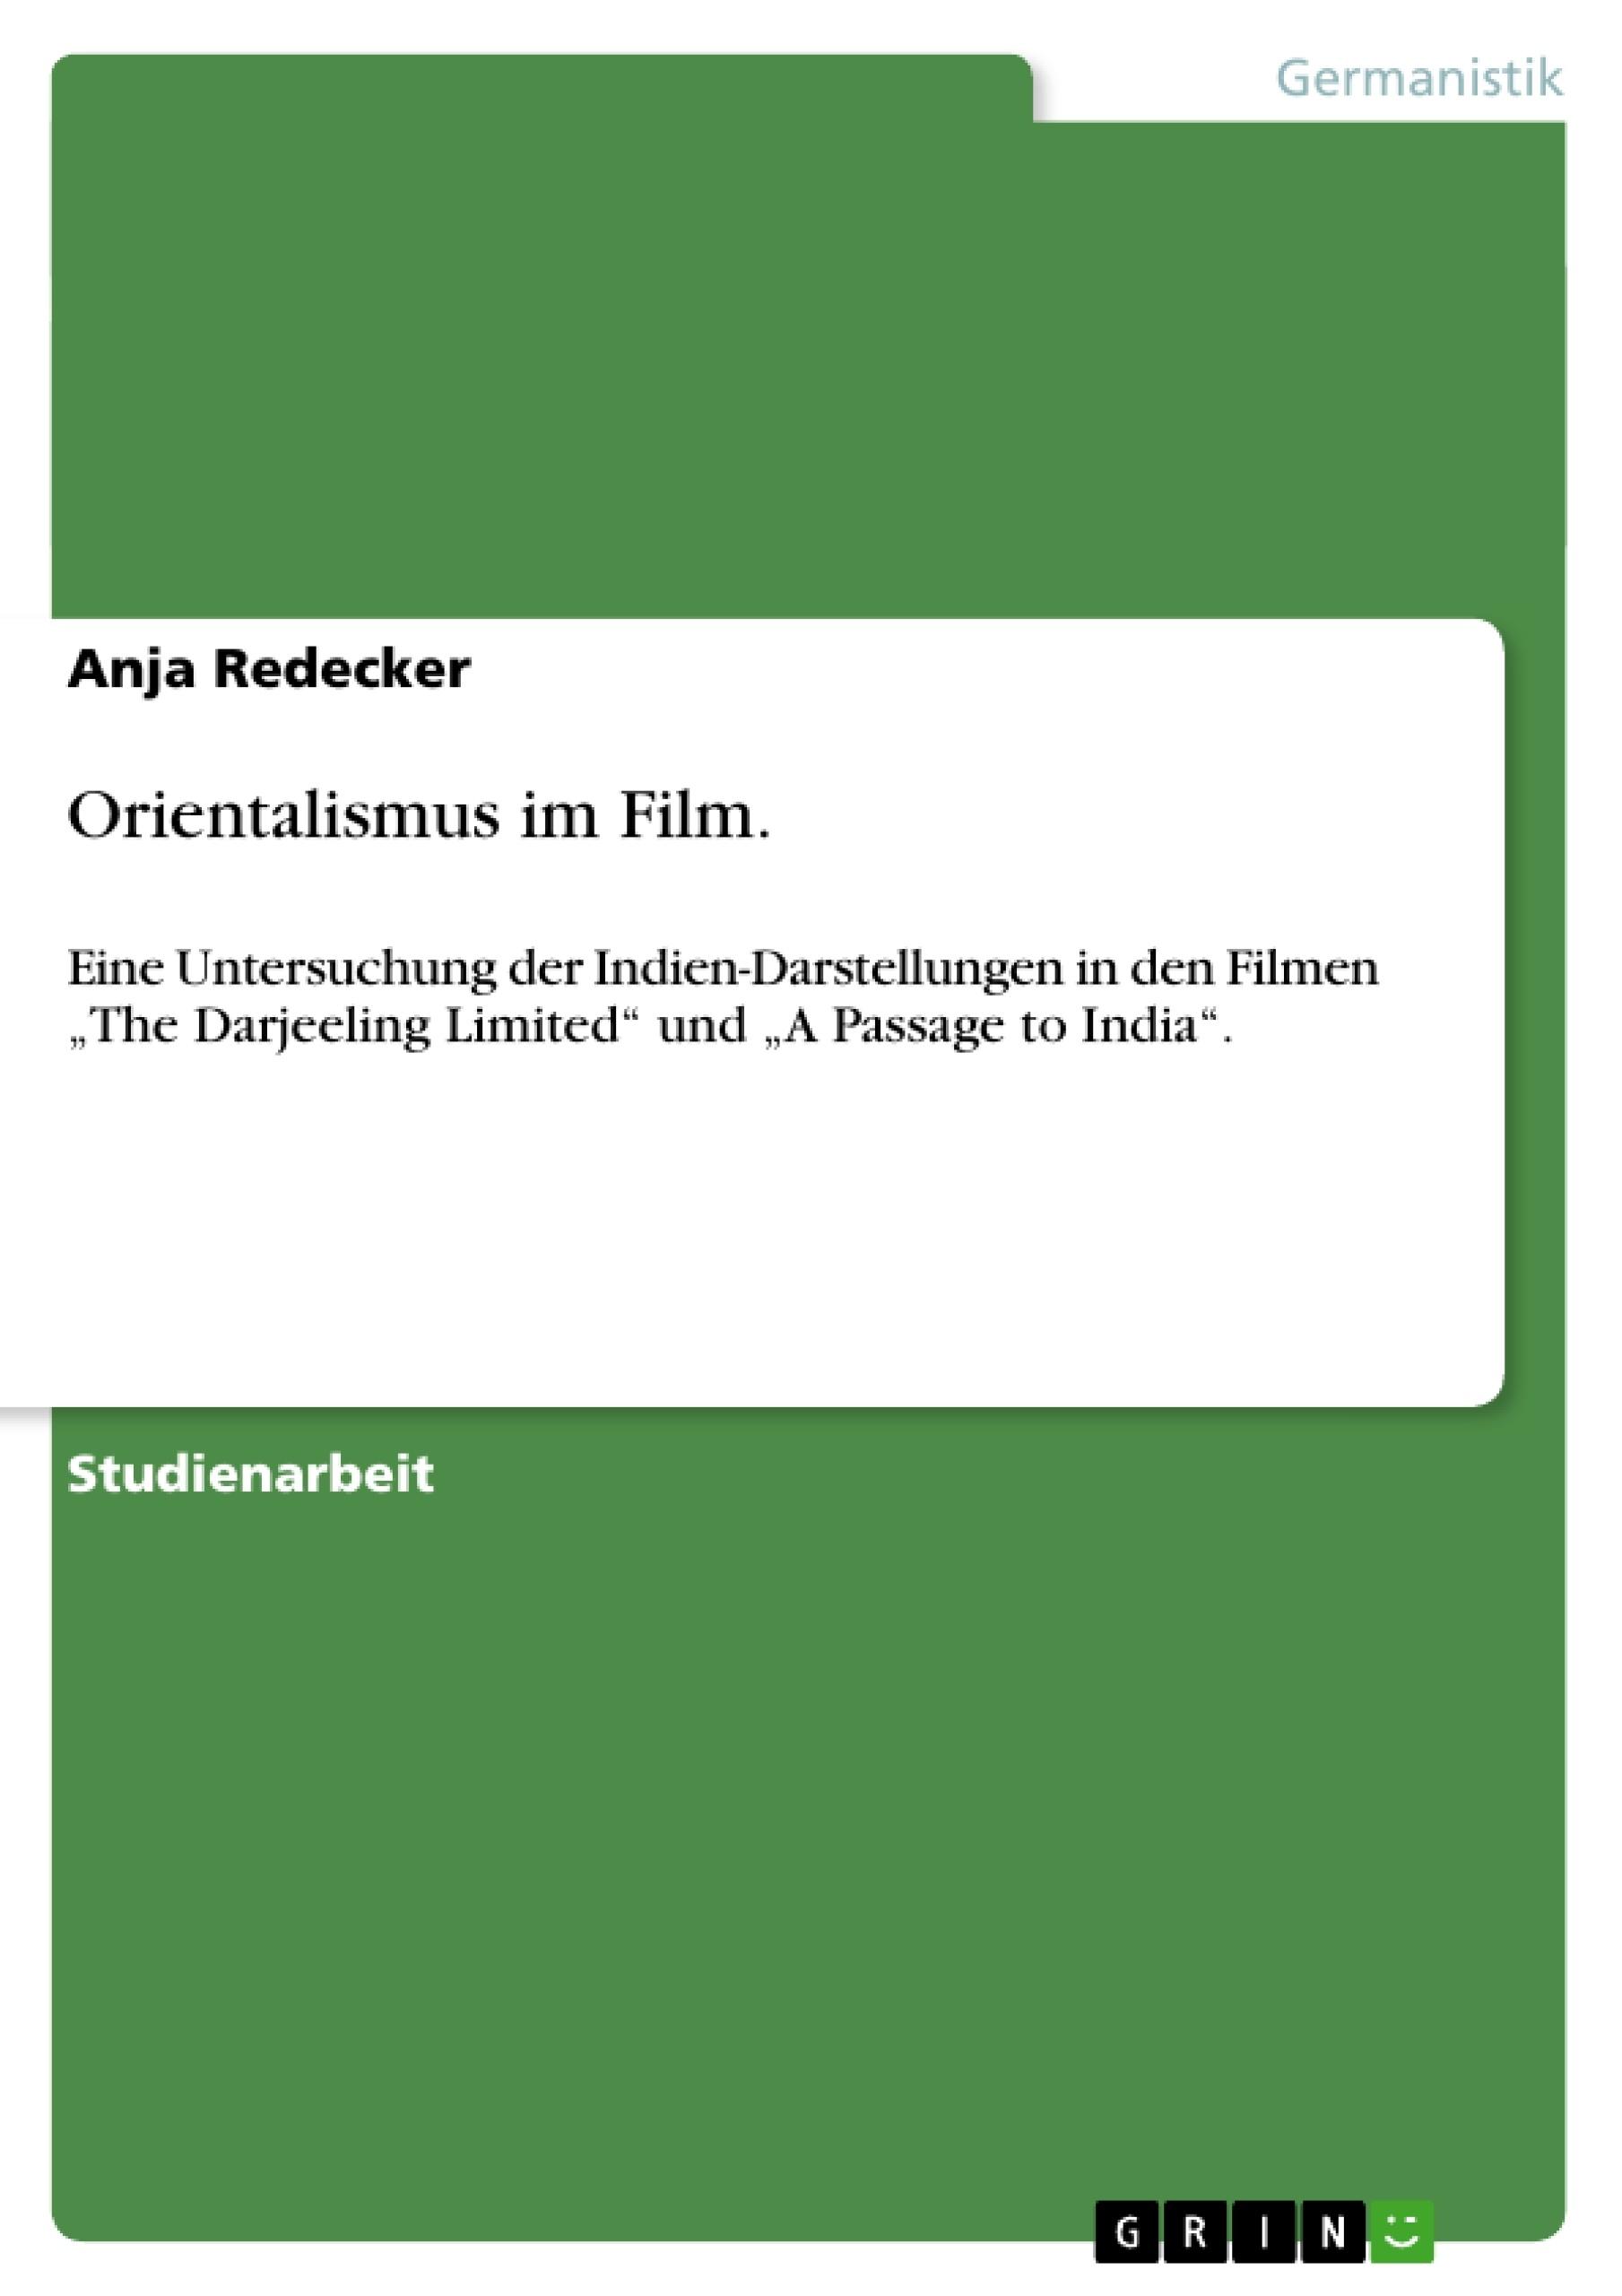 Titel: Orientalismus im Film.